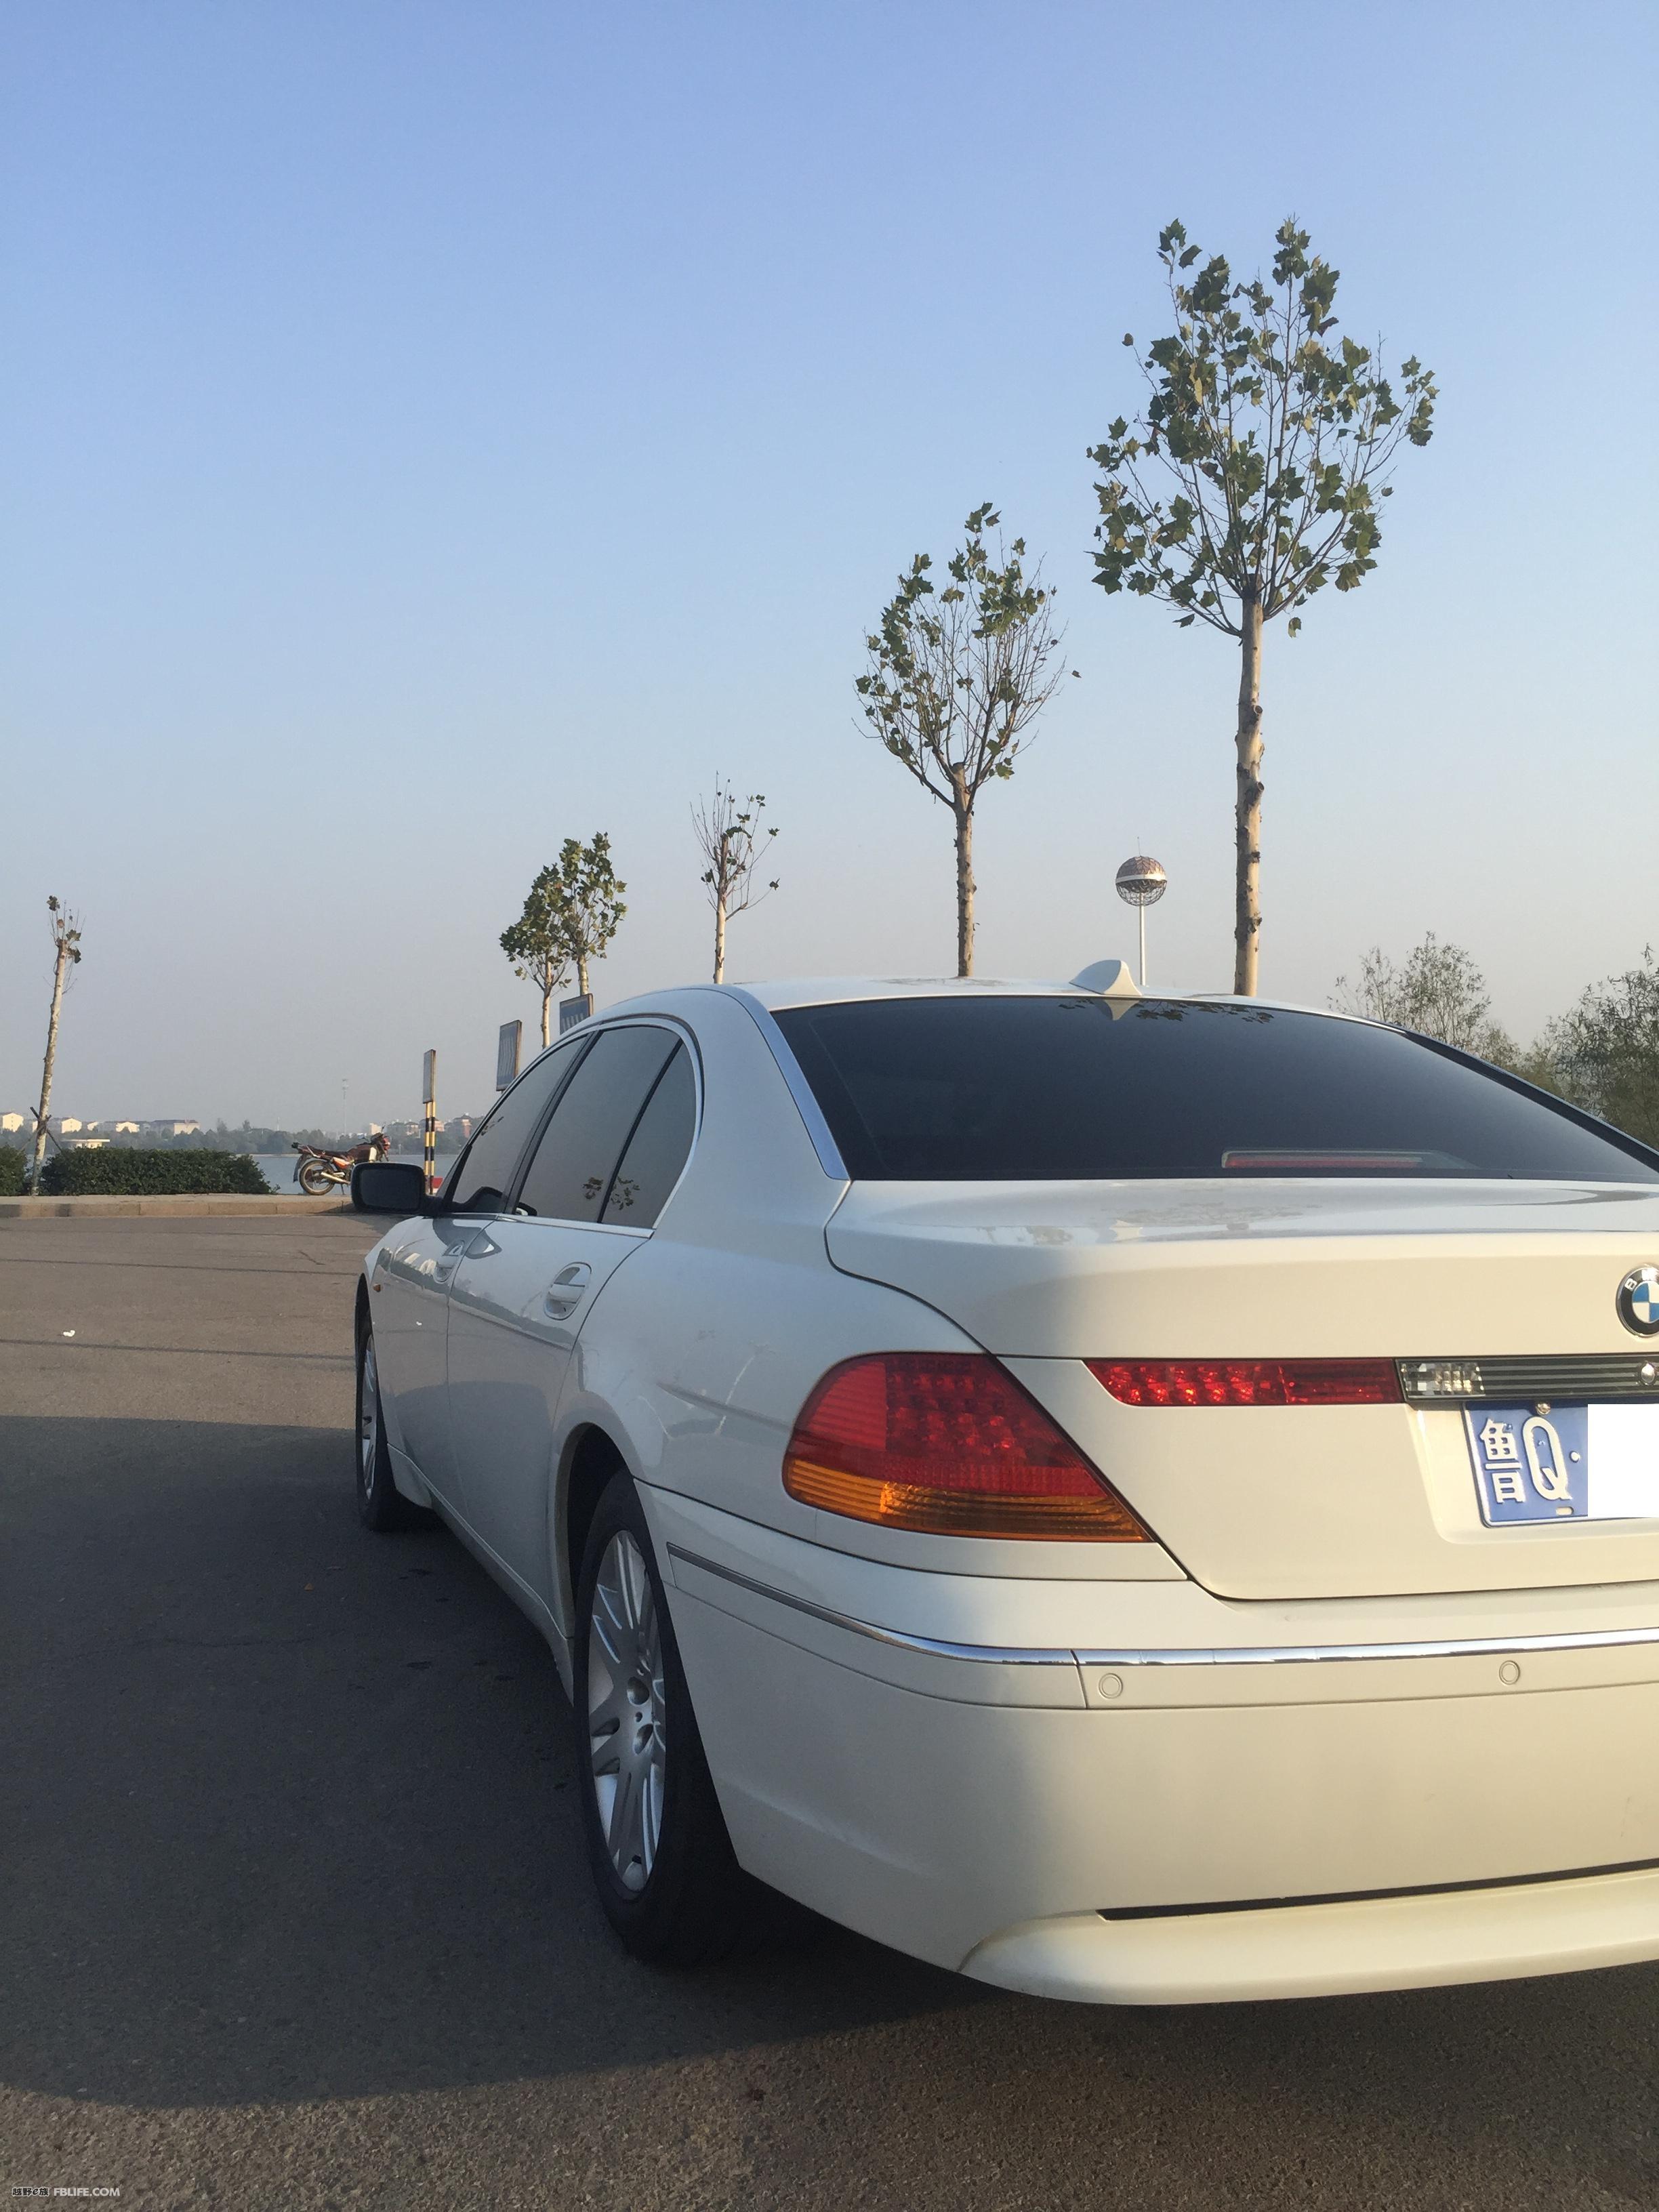 出售 极品宝马 730li (e66)